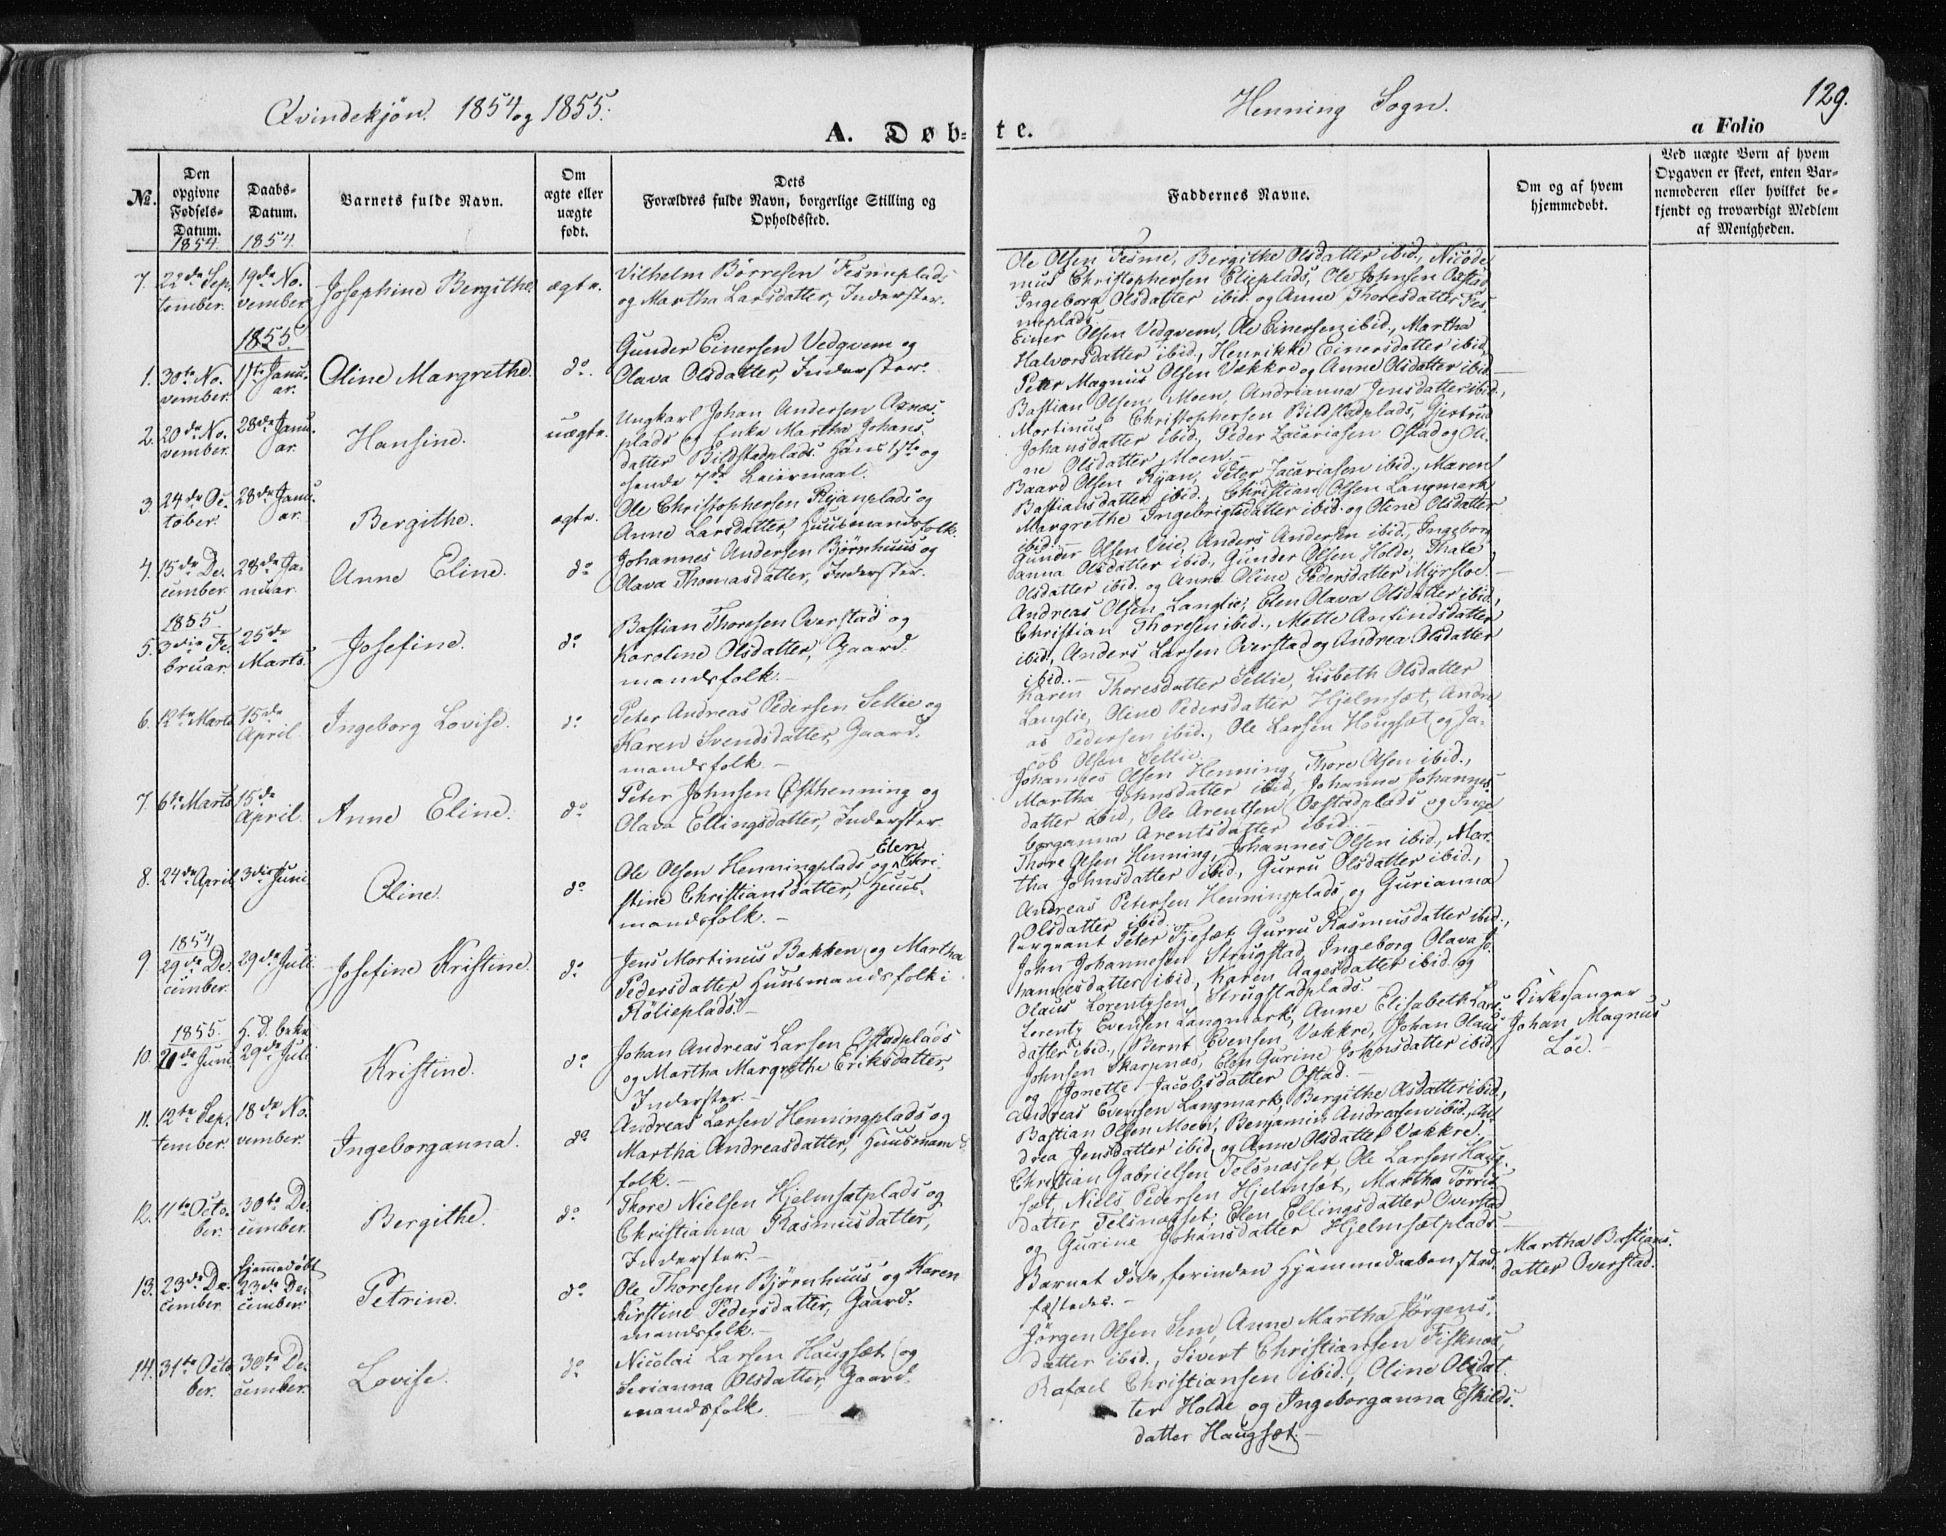 SAT, Ministerialprotokoller, klokkerbøker og fødselsregistre - Nord-Trøndelag, 735/L0342: Ministerialbok nr. 735A07 /3, 1849-1862, s. 129